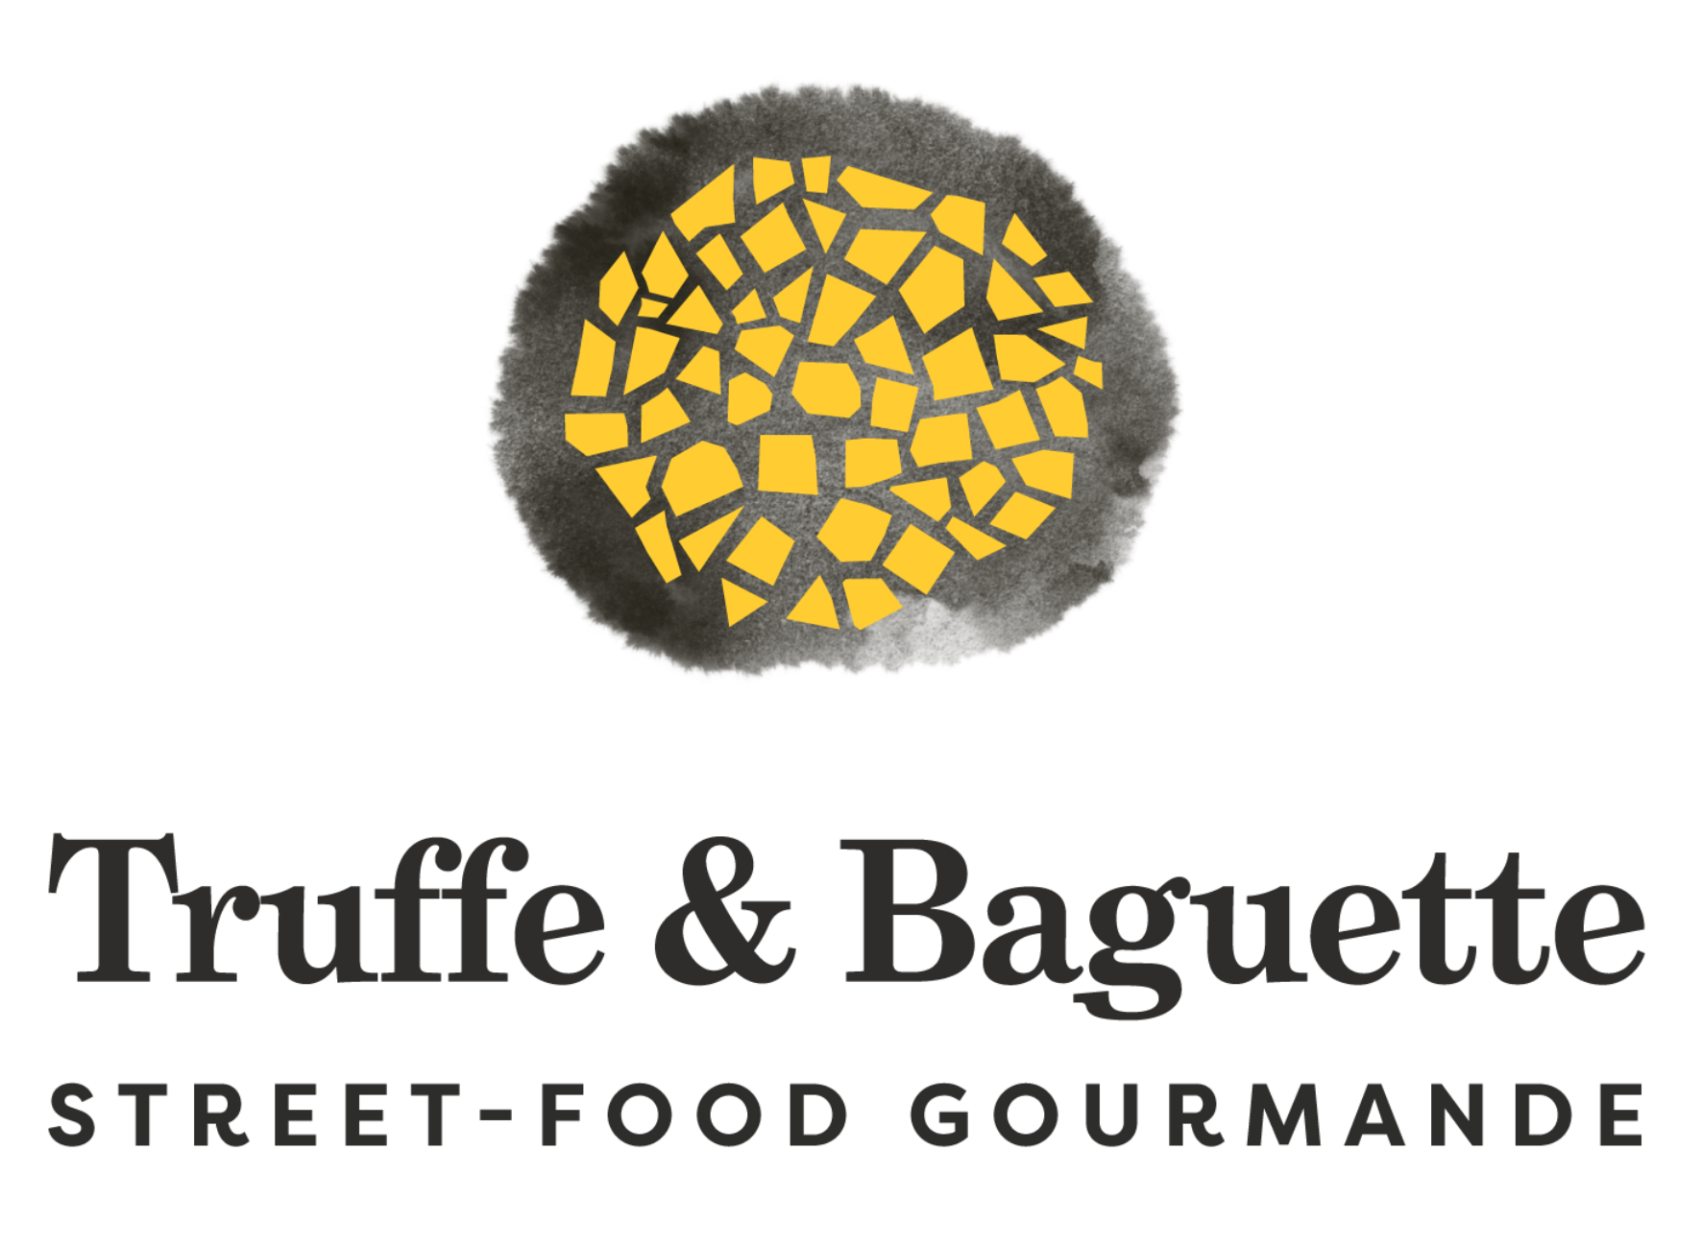 logo truffe et baguette